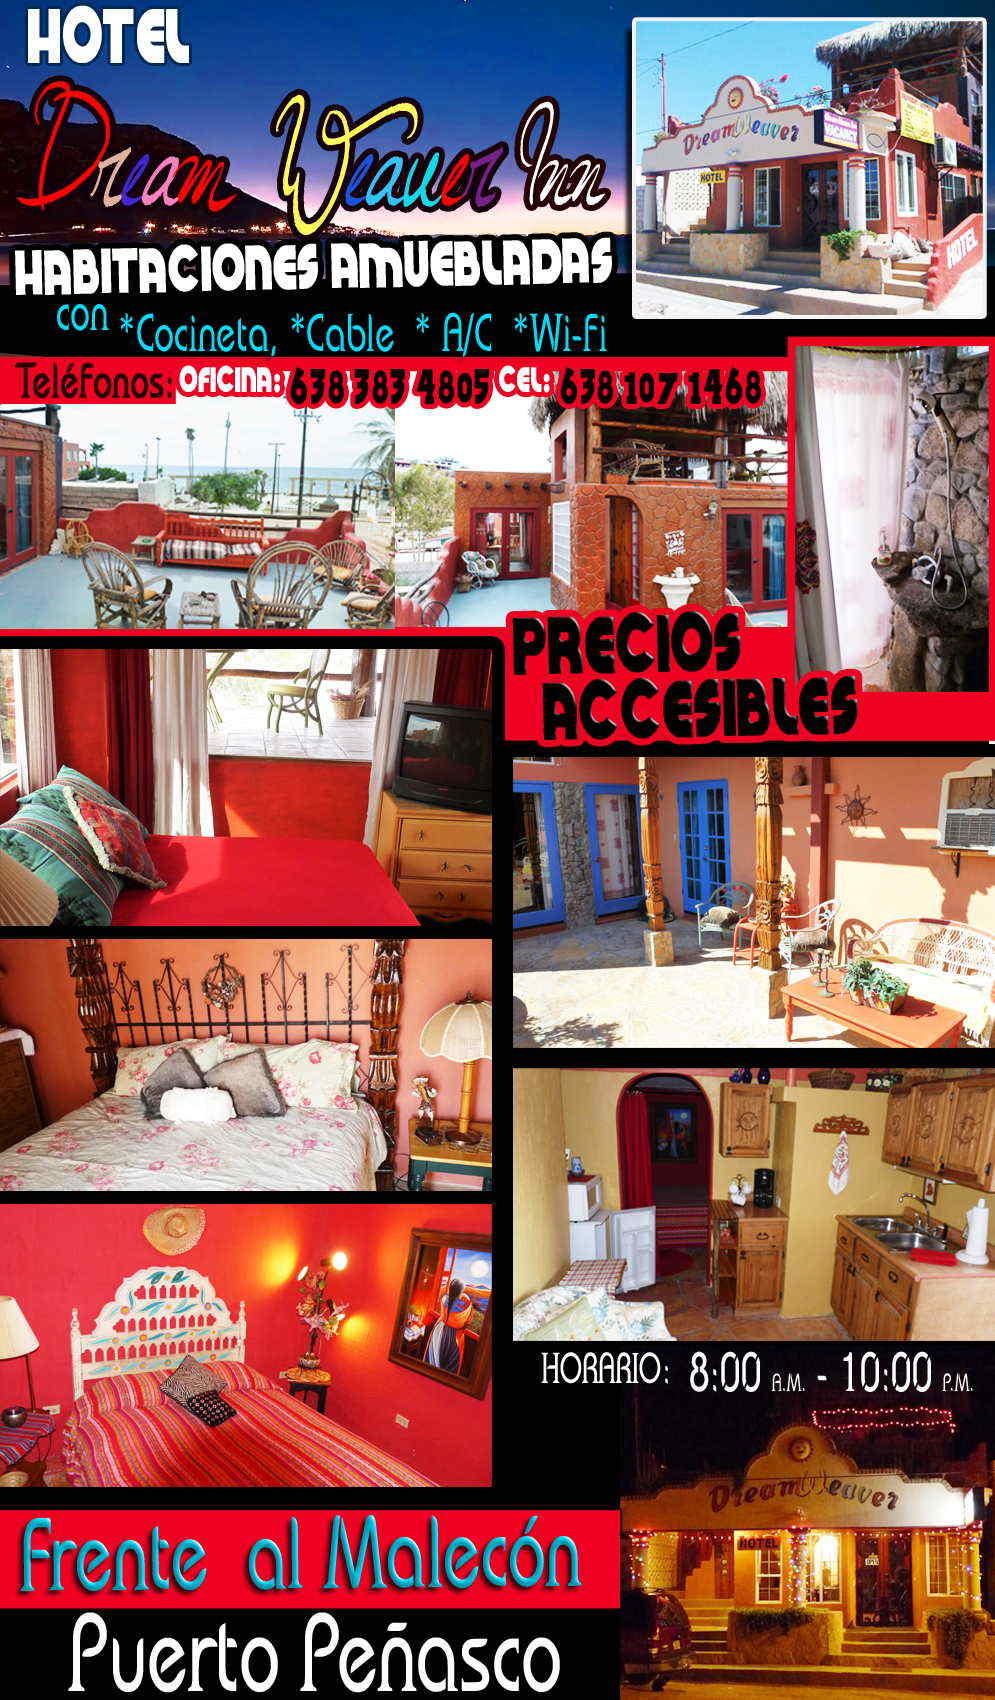 Dream weaver inn in puerto pe asco los algodones mexico for Habitaciones hoteles